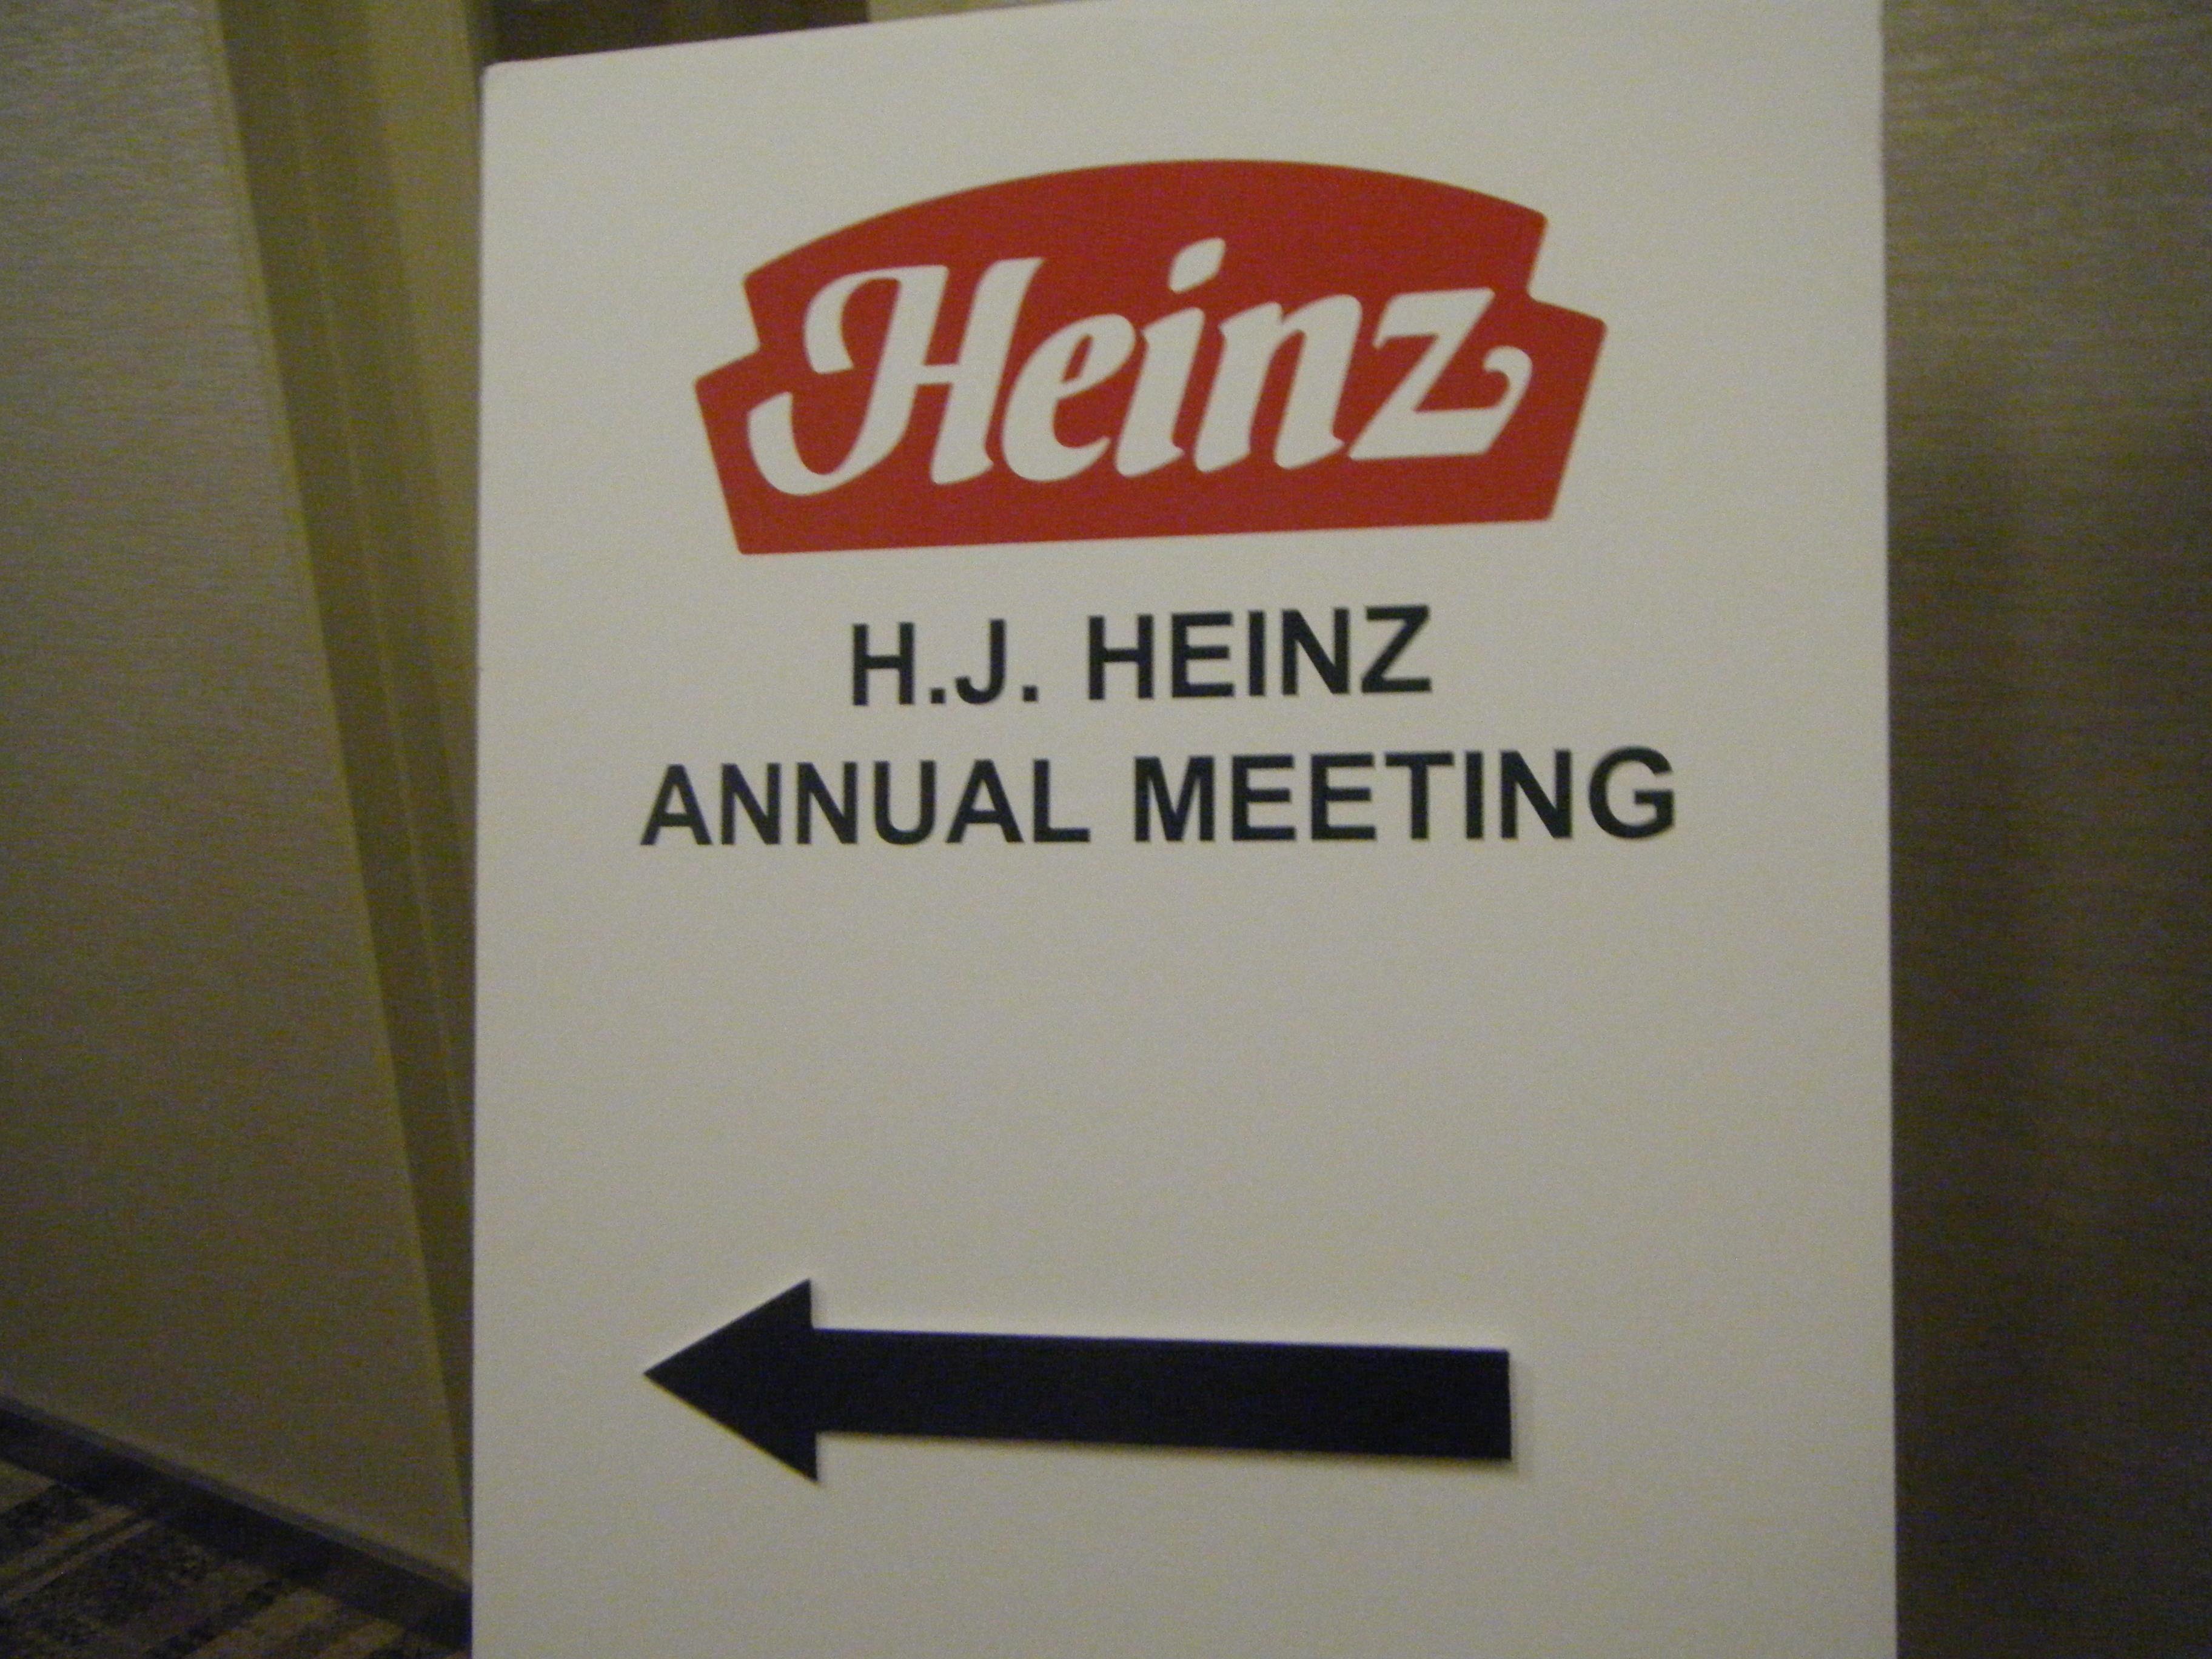 記事「株主総会レポート アメリカ編 H.J. Heinz Company」のイメージ